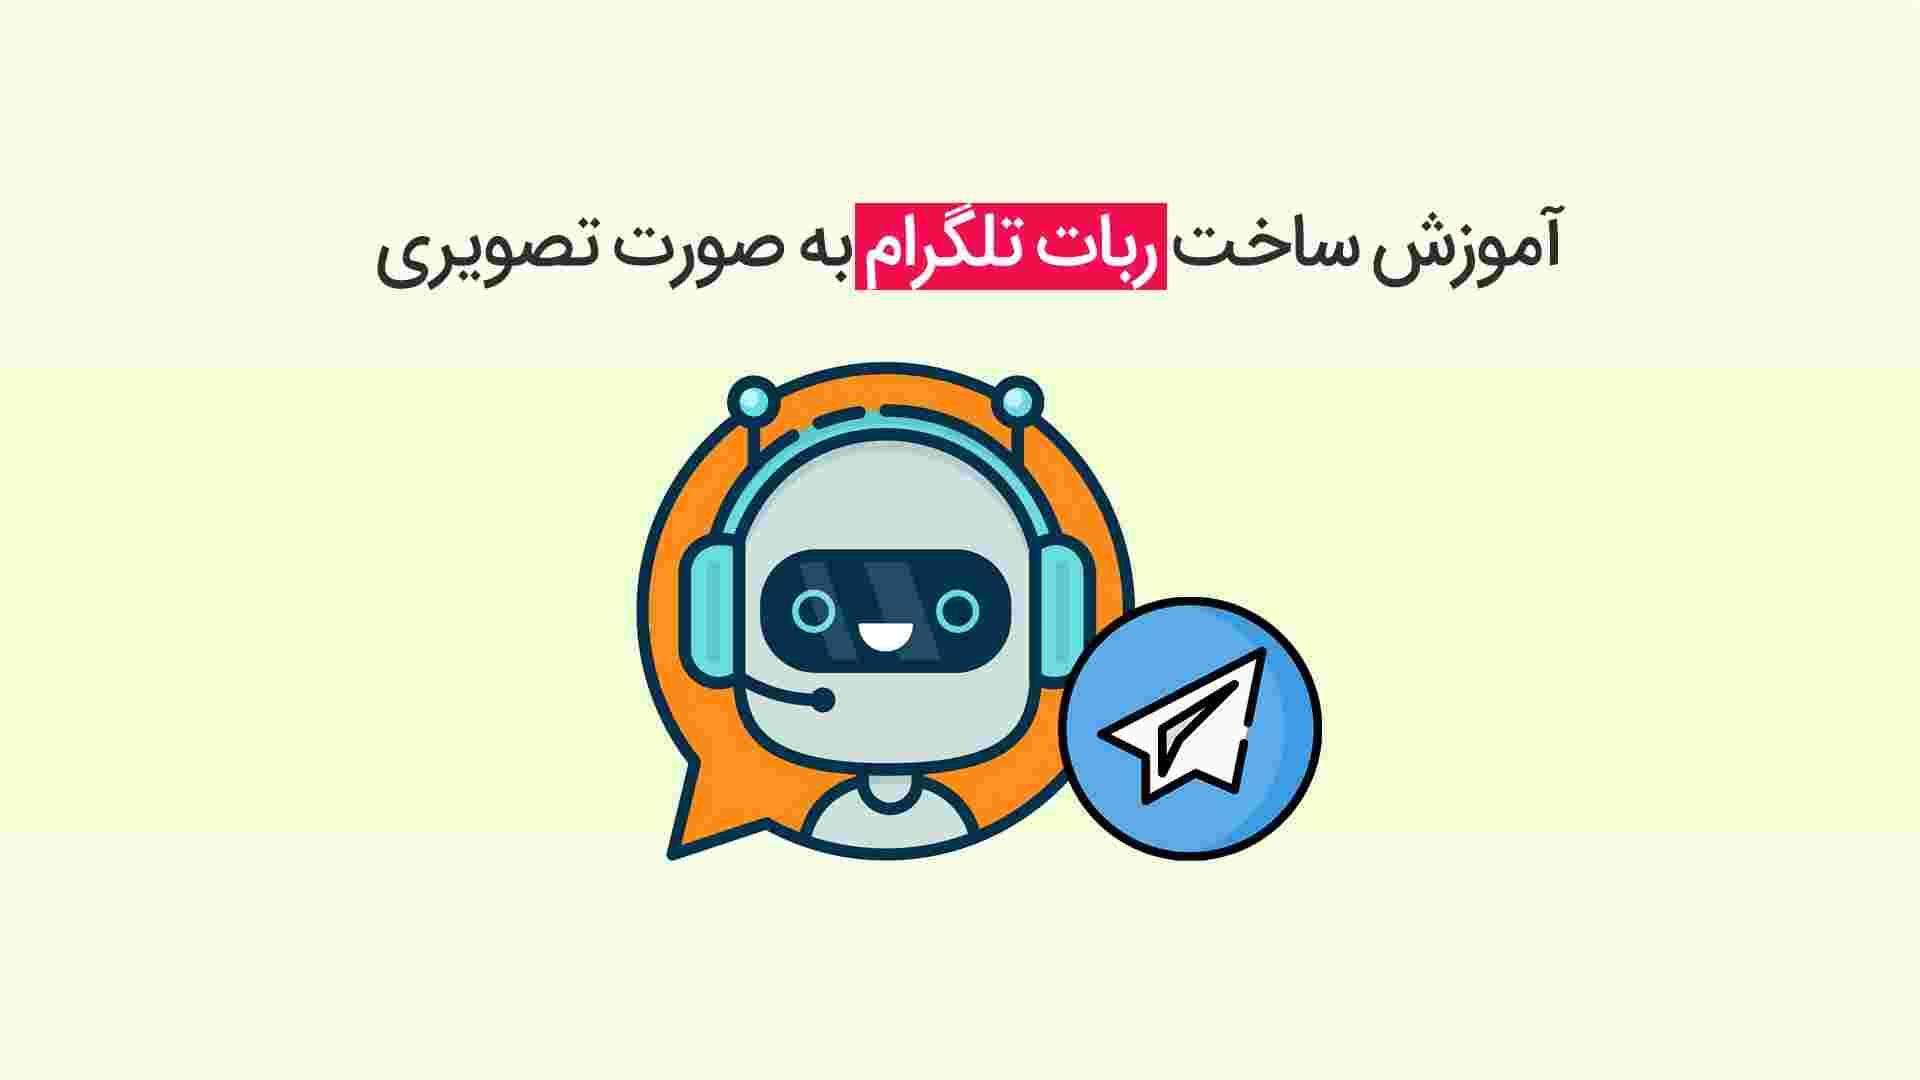 آموزش ساخت ربات تلگرام به صورت تصویری